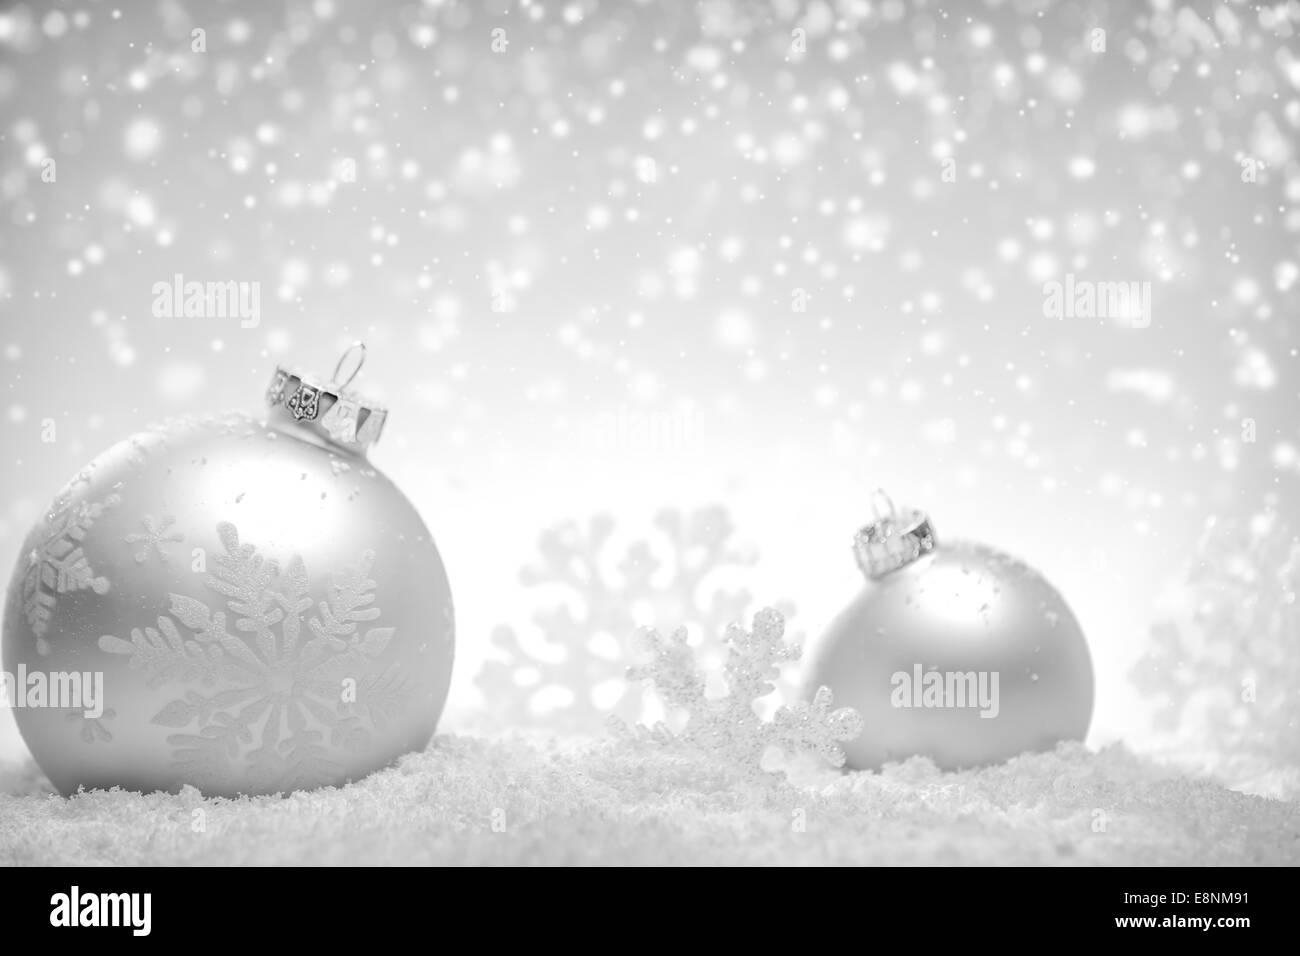 Weihnachten Silber Hintergrund mit Bällen und Schneeflocke Stockfoto ...